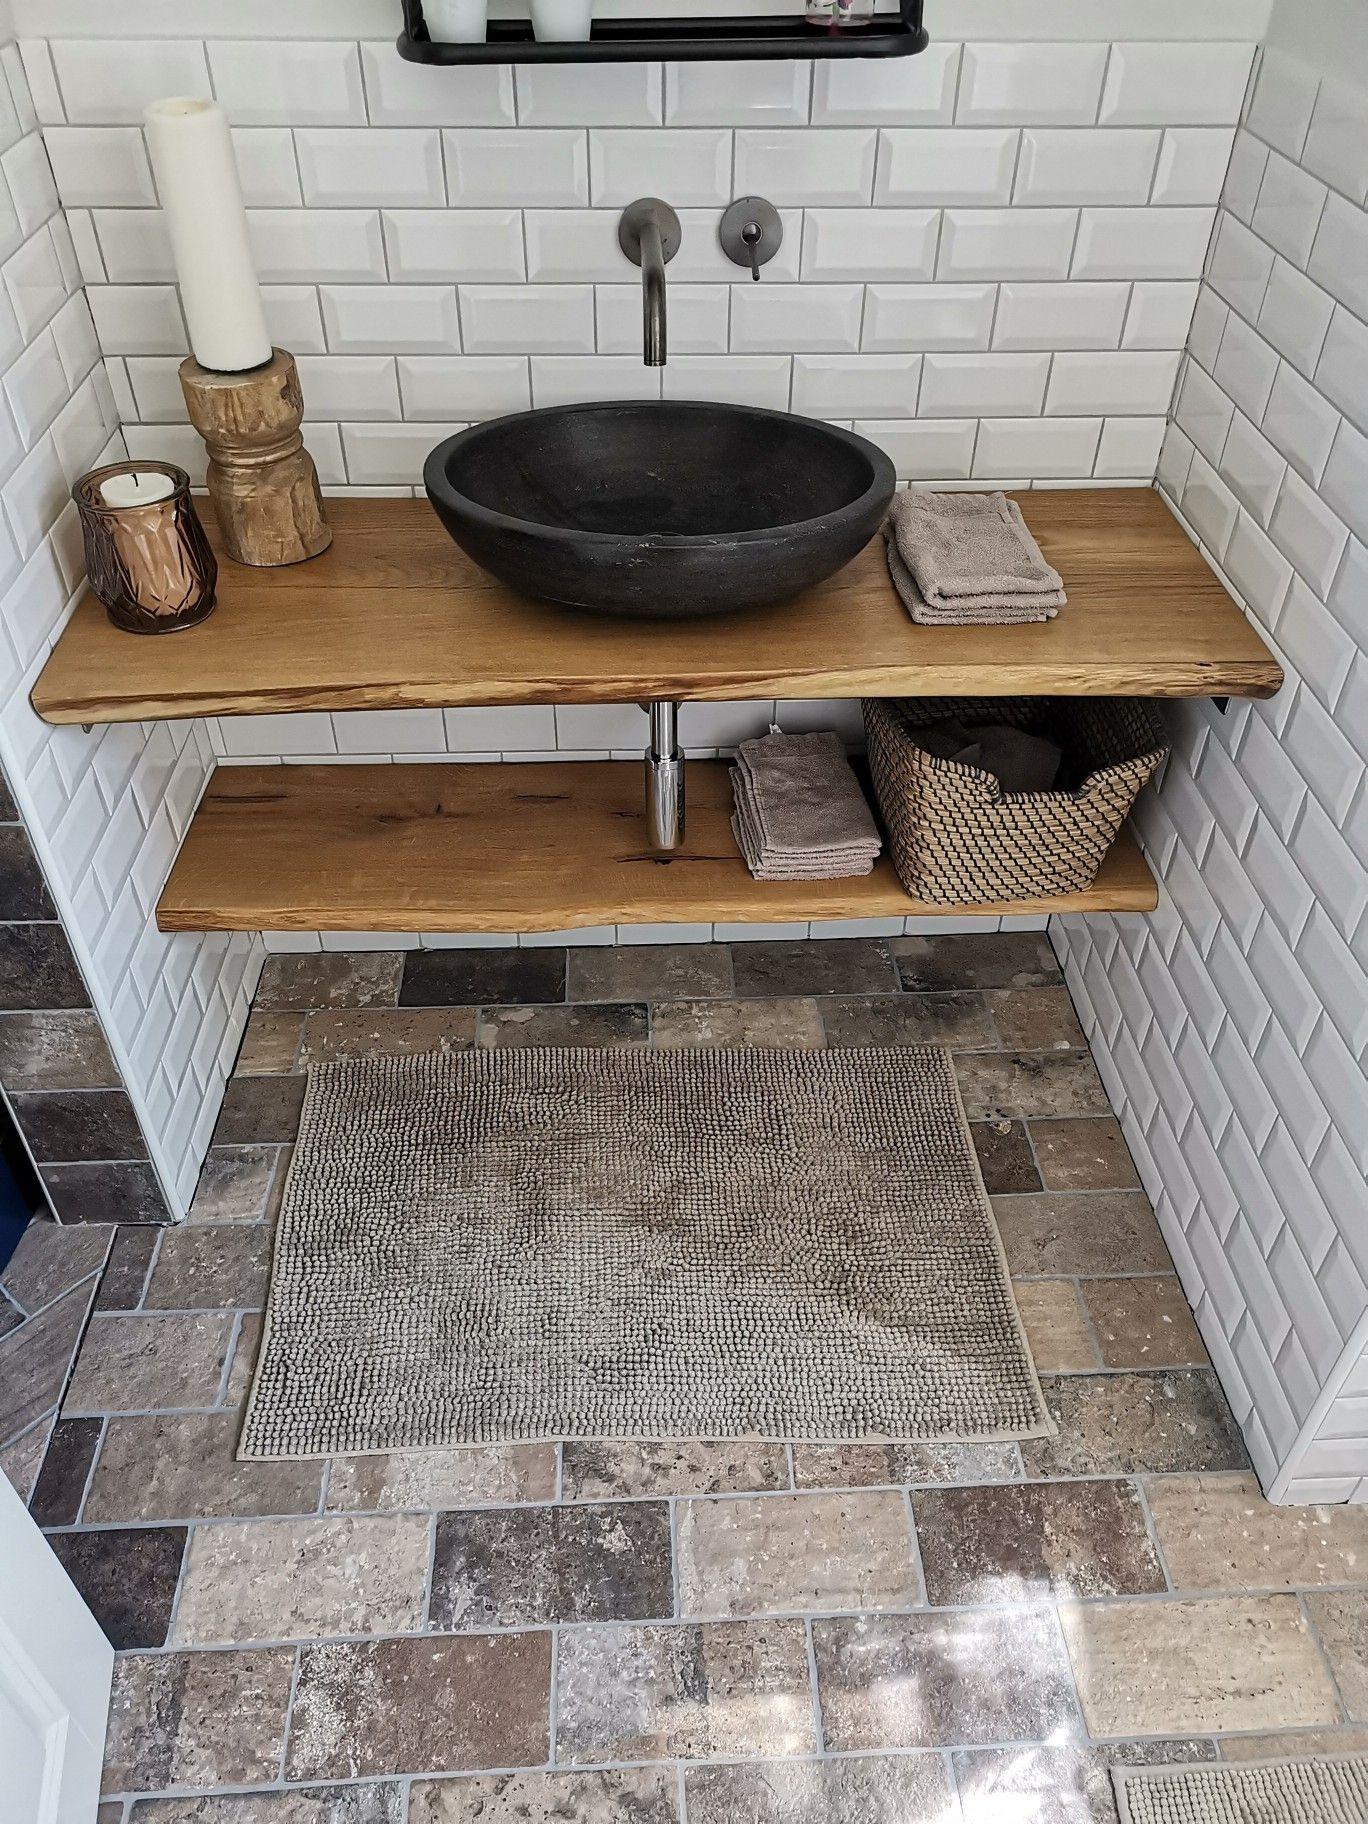 Kleines Wc Mit Waschplatz Aus Holz Und Keramik Waschschussel Kleines Wc Mit Waschplatz Aus Holz Und Ker In 2020 Waschschussel Badezimmer Unterschrank Spiegel Gaste Wc